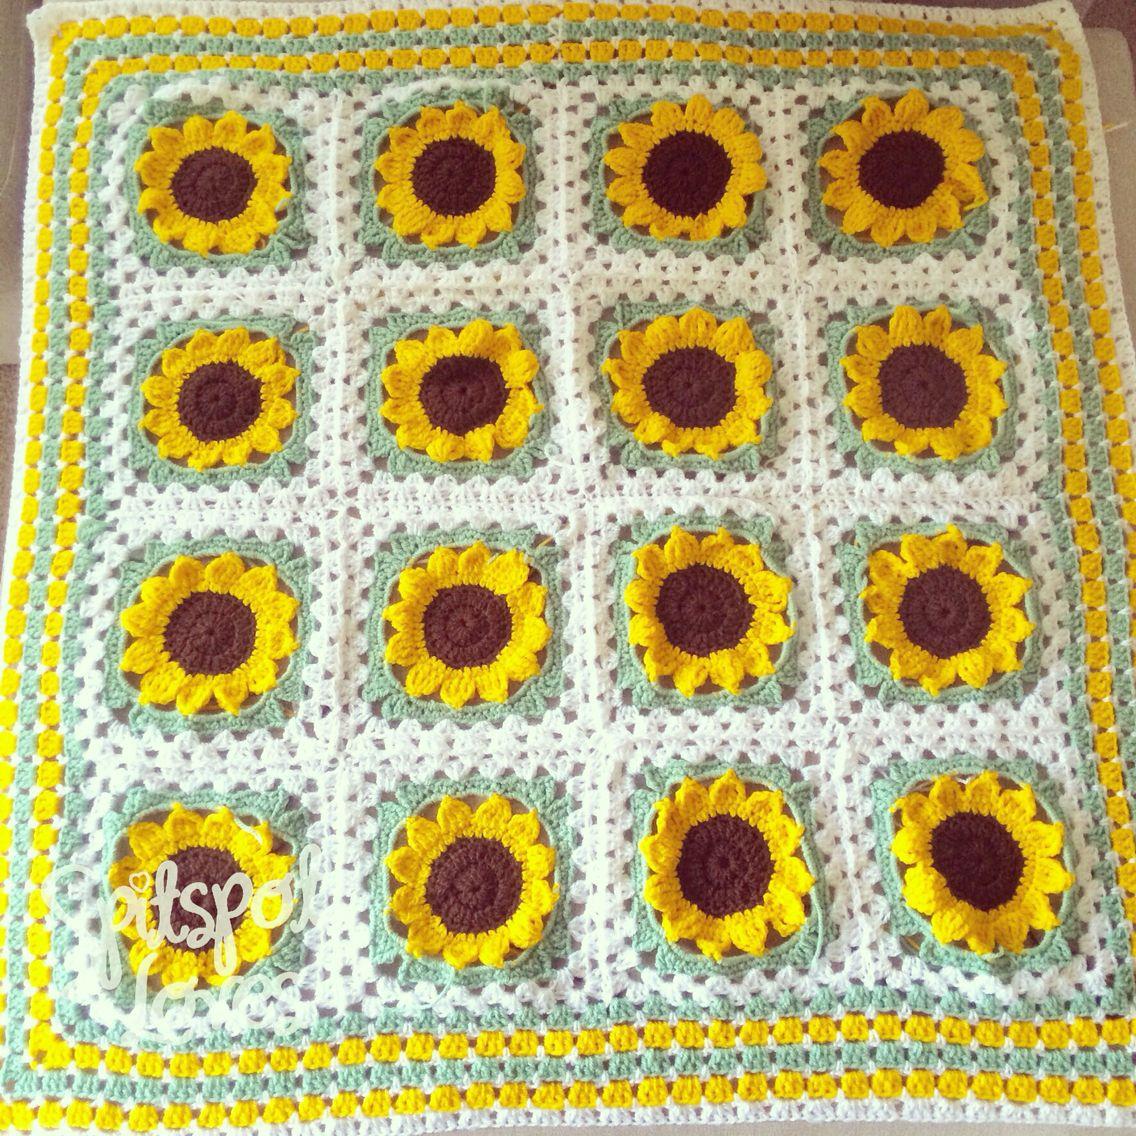 Sunflower crochet pattern | crochet bébé! | Pinterest | Sunflowers ...